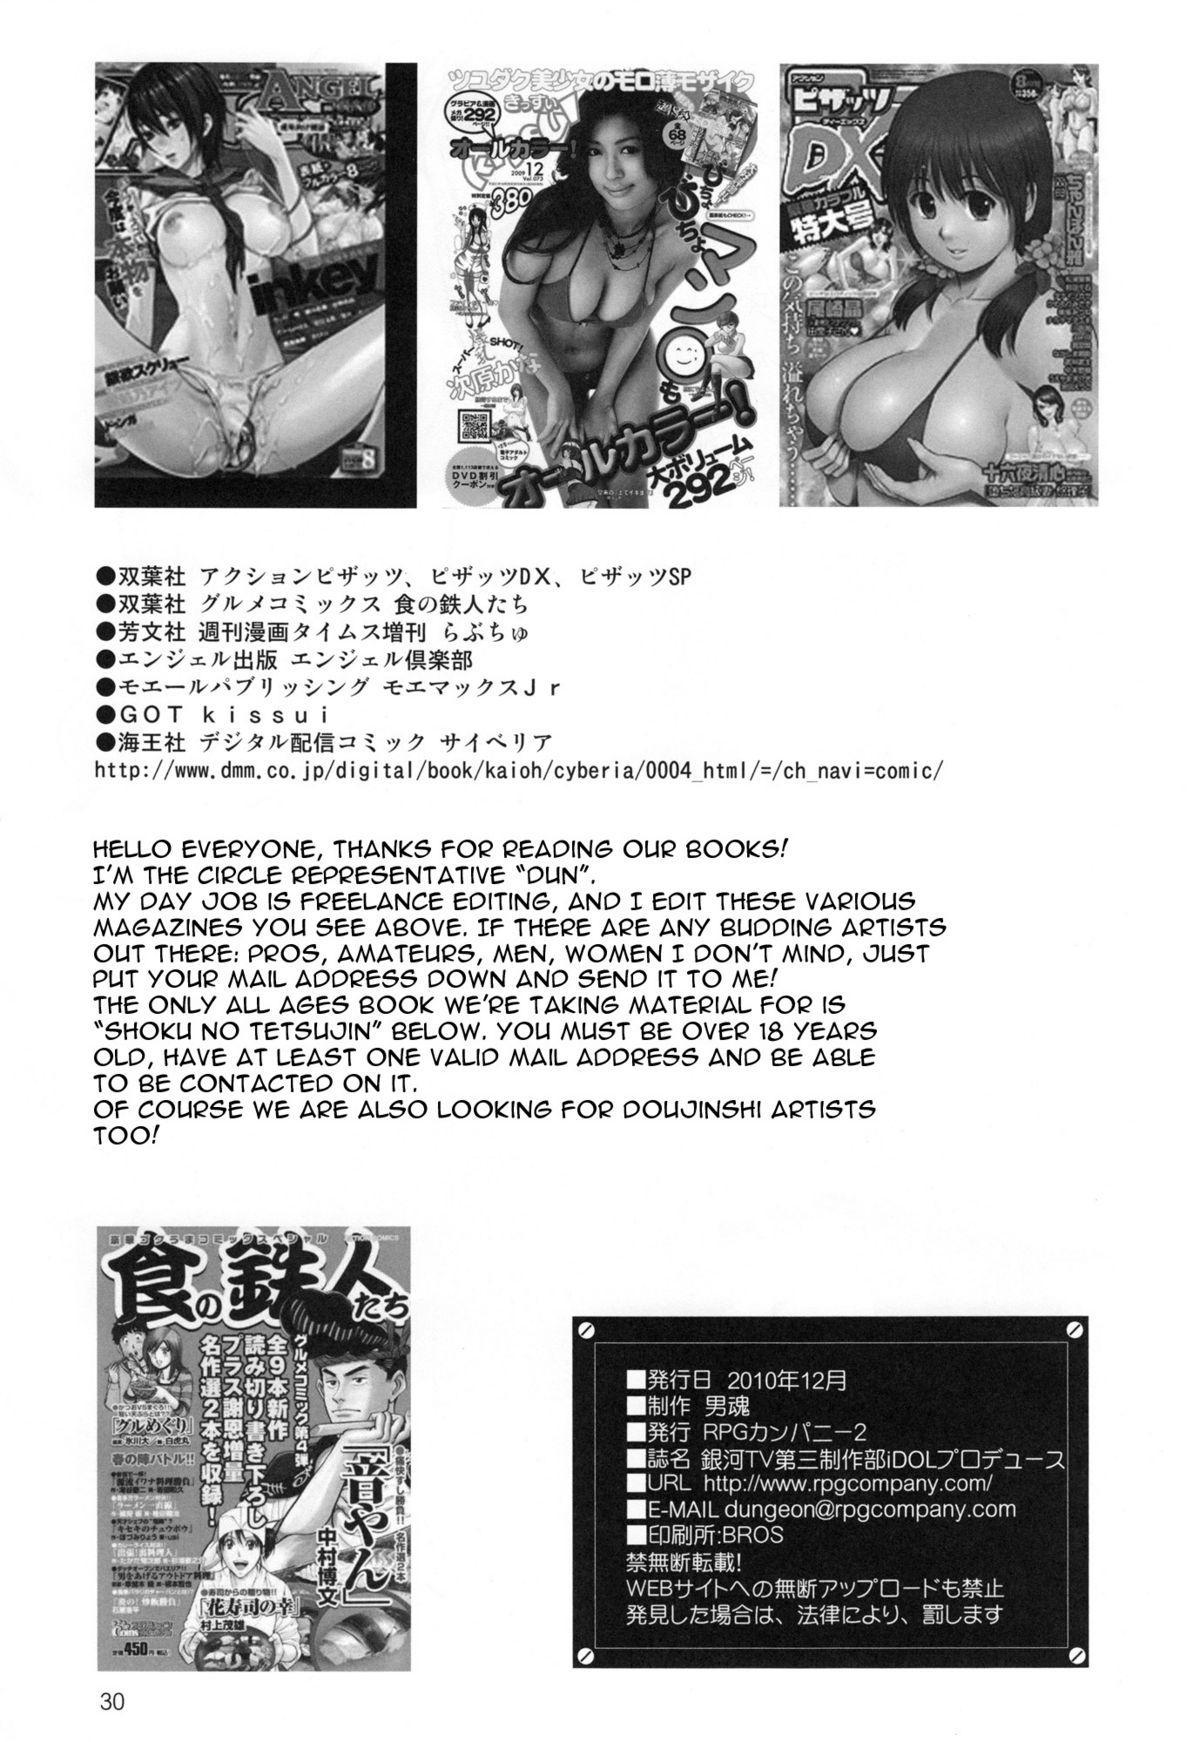 Ginga TV Daisan Seisakubu iDOL Produce 29